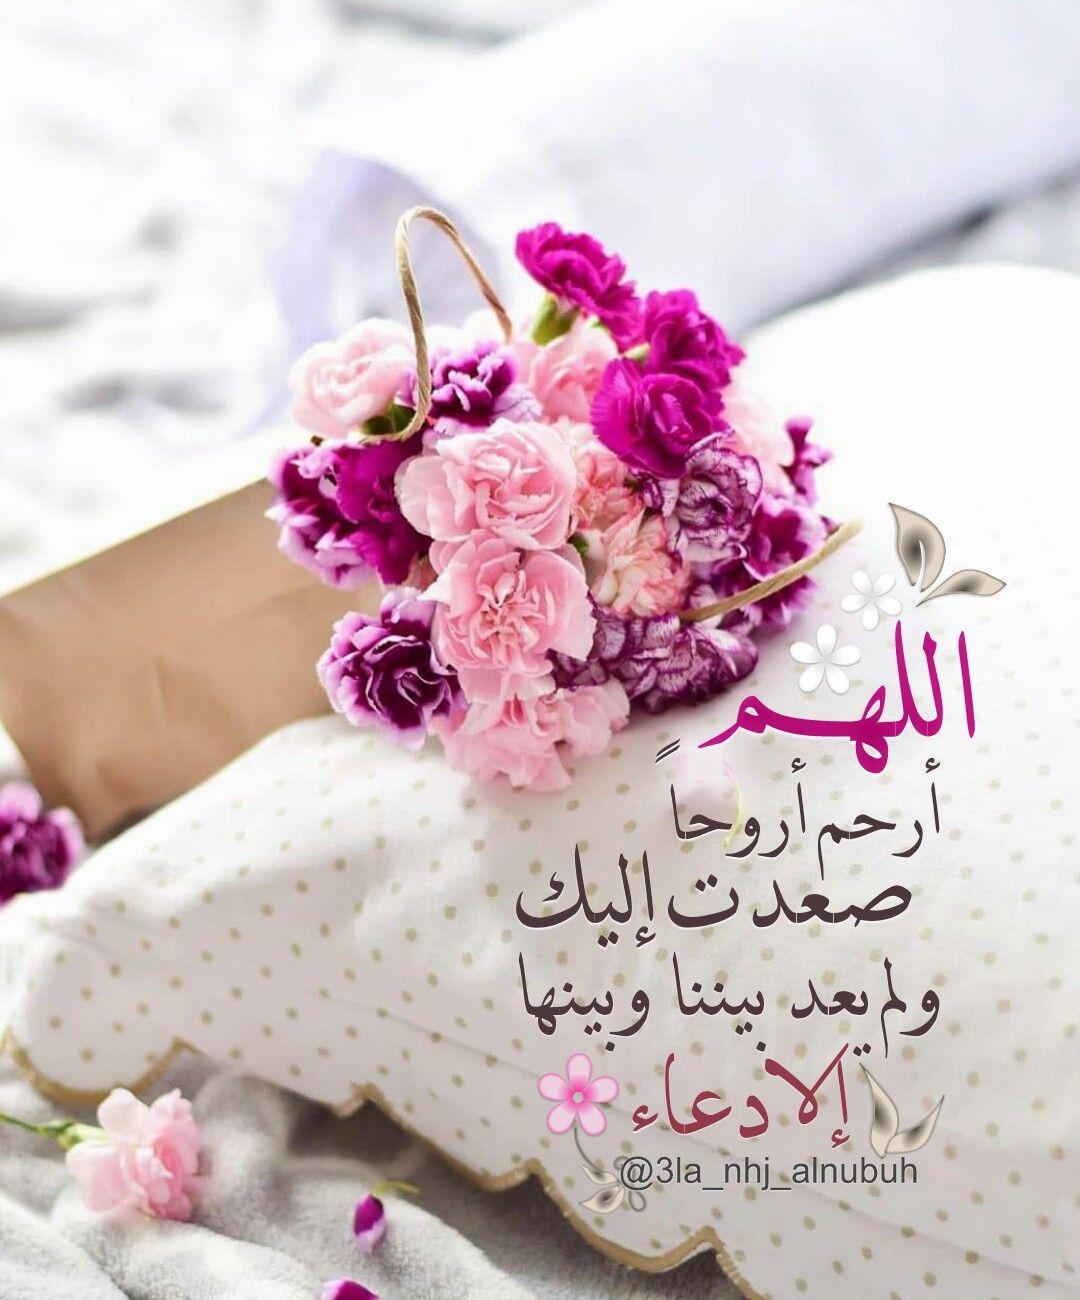 اذكر الله سبحانه وتعالي فإنه اقرب اليك ممن حولك Quran Faith Passion